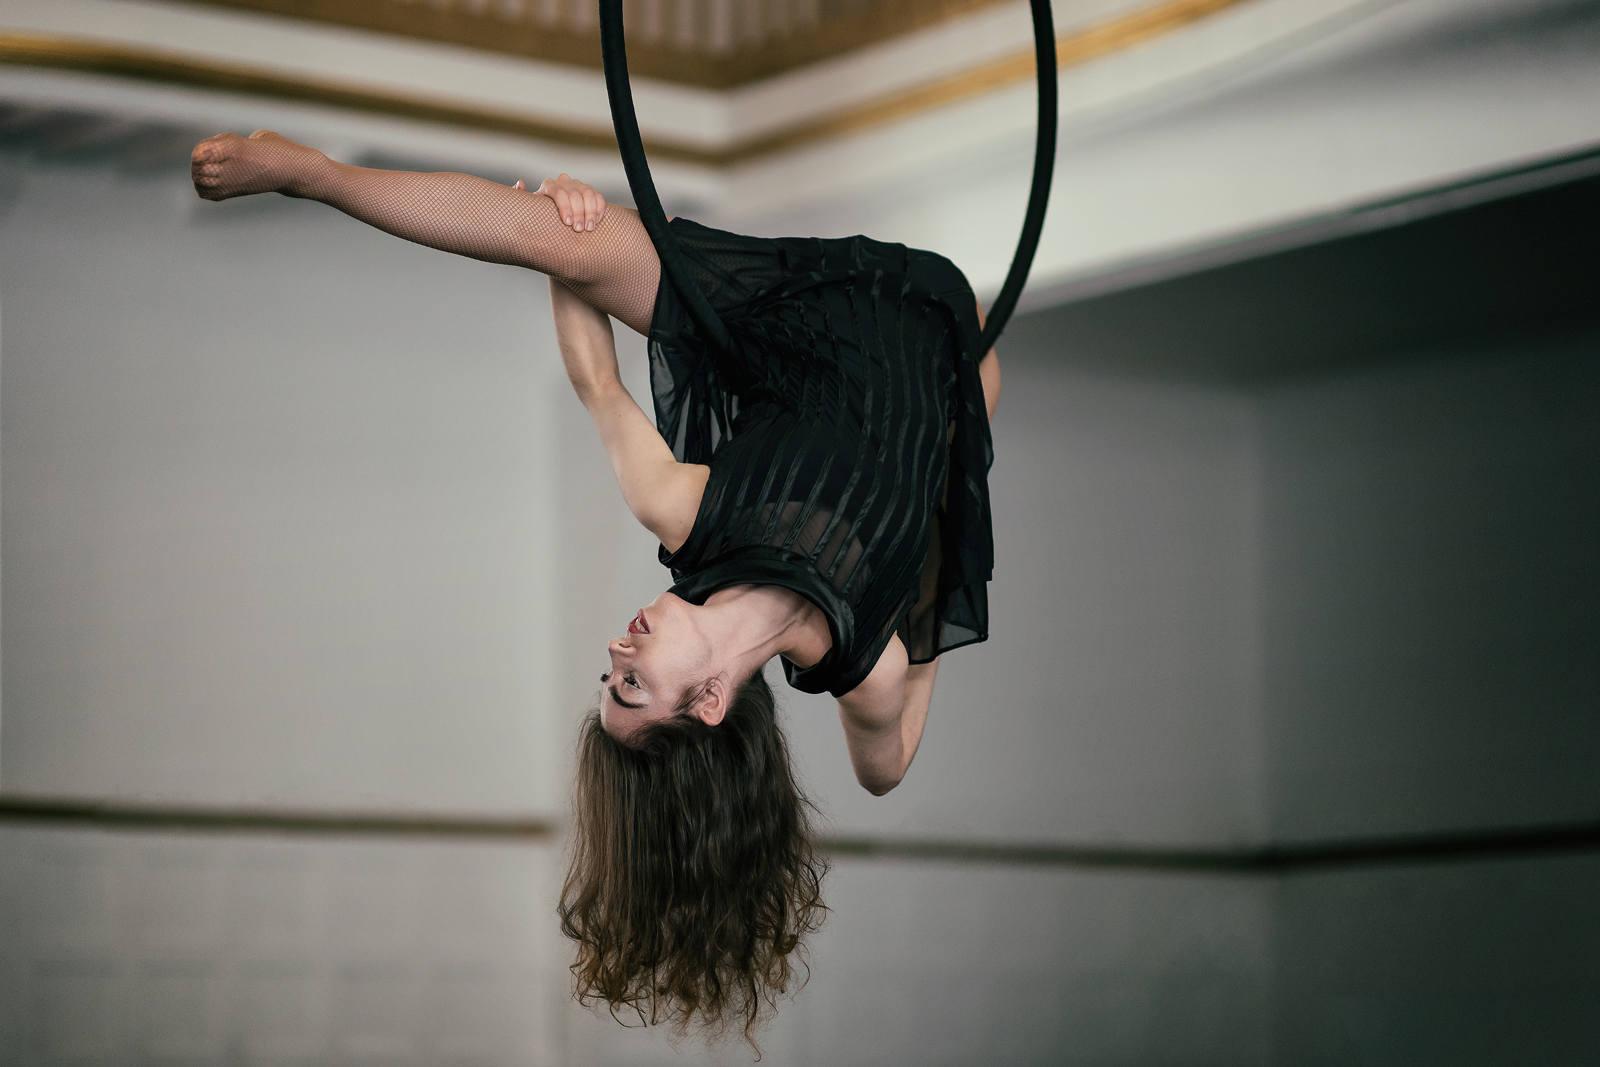 Elena-aerial-hoop